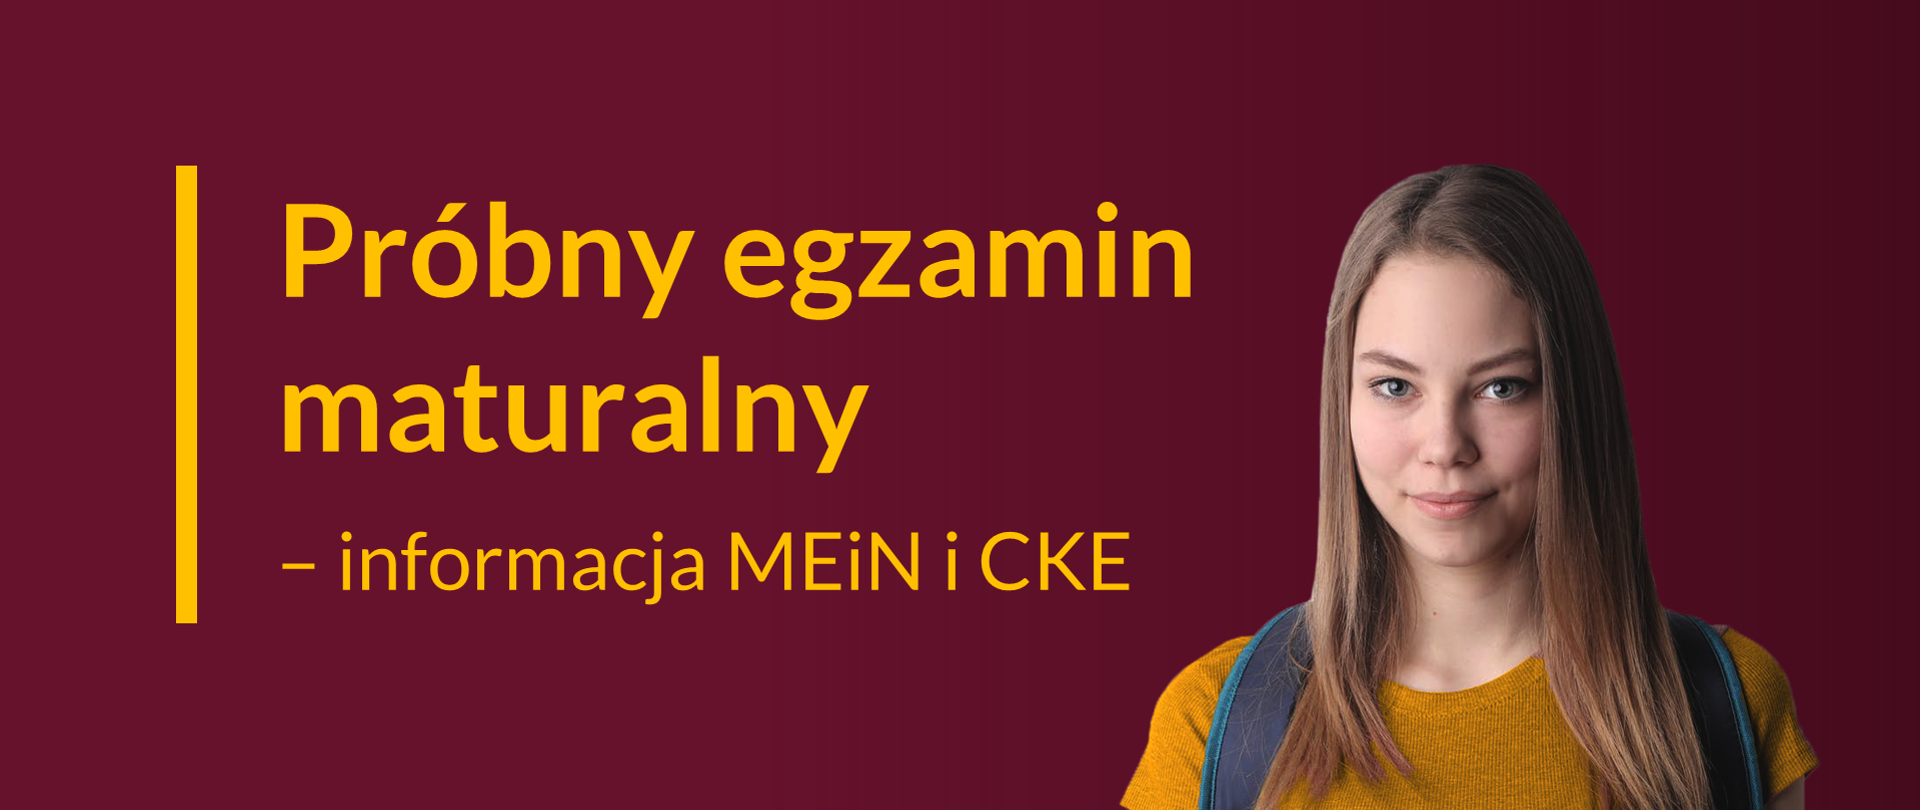 """Grafika z dziewczyną i tekstem: """"Próbny egzamin maturalny - informacja MEiN i CKE"""""""